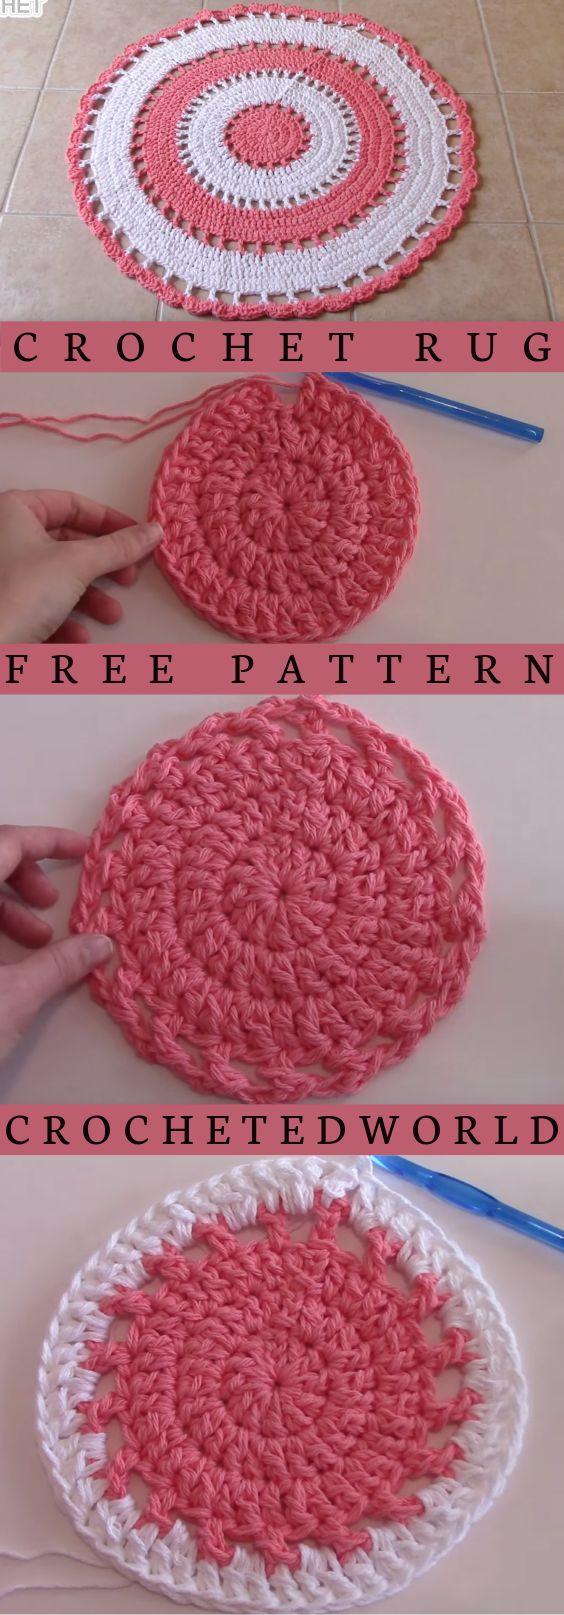 Crochet Rug For Beginners